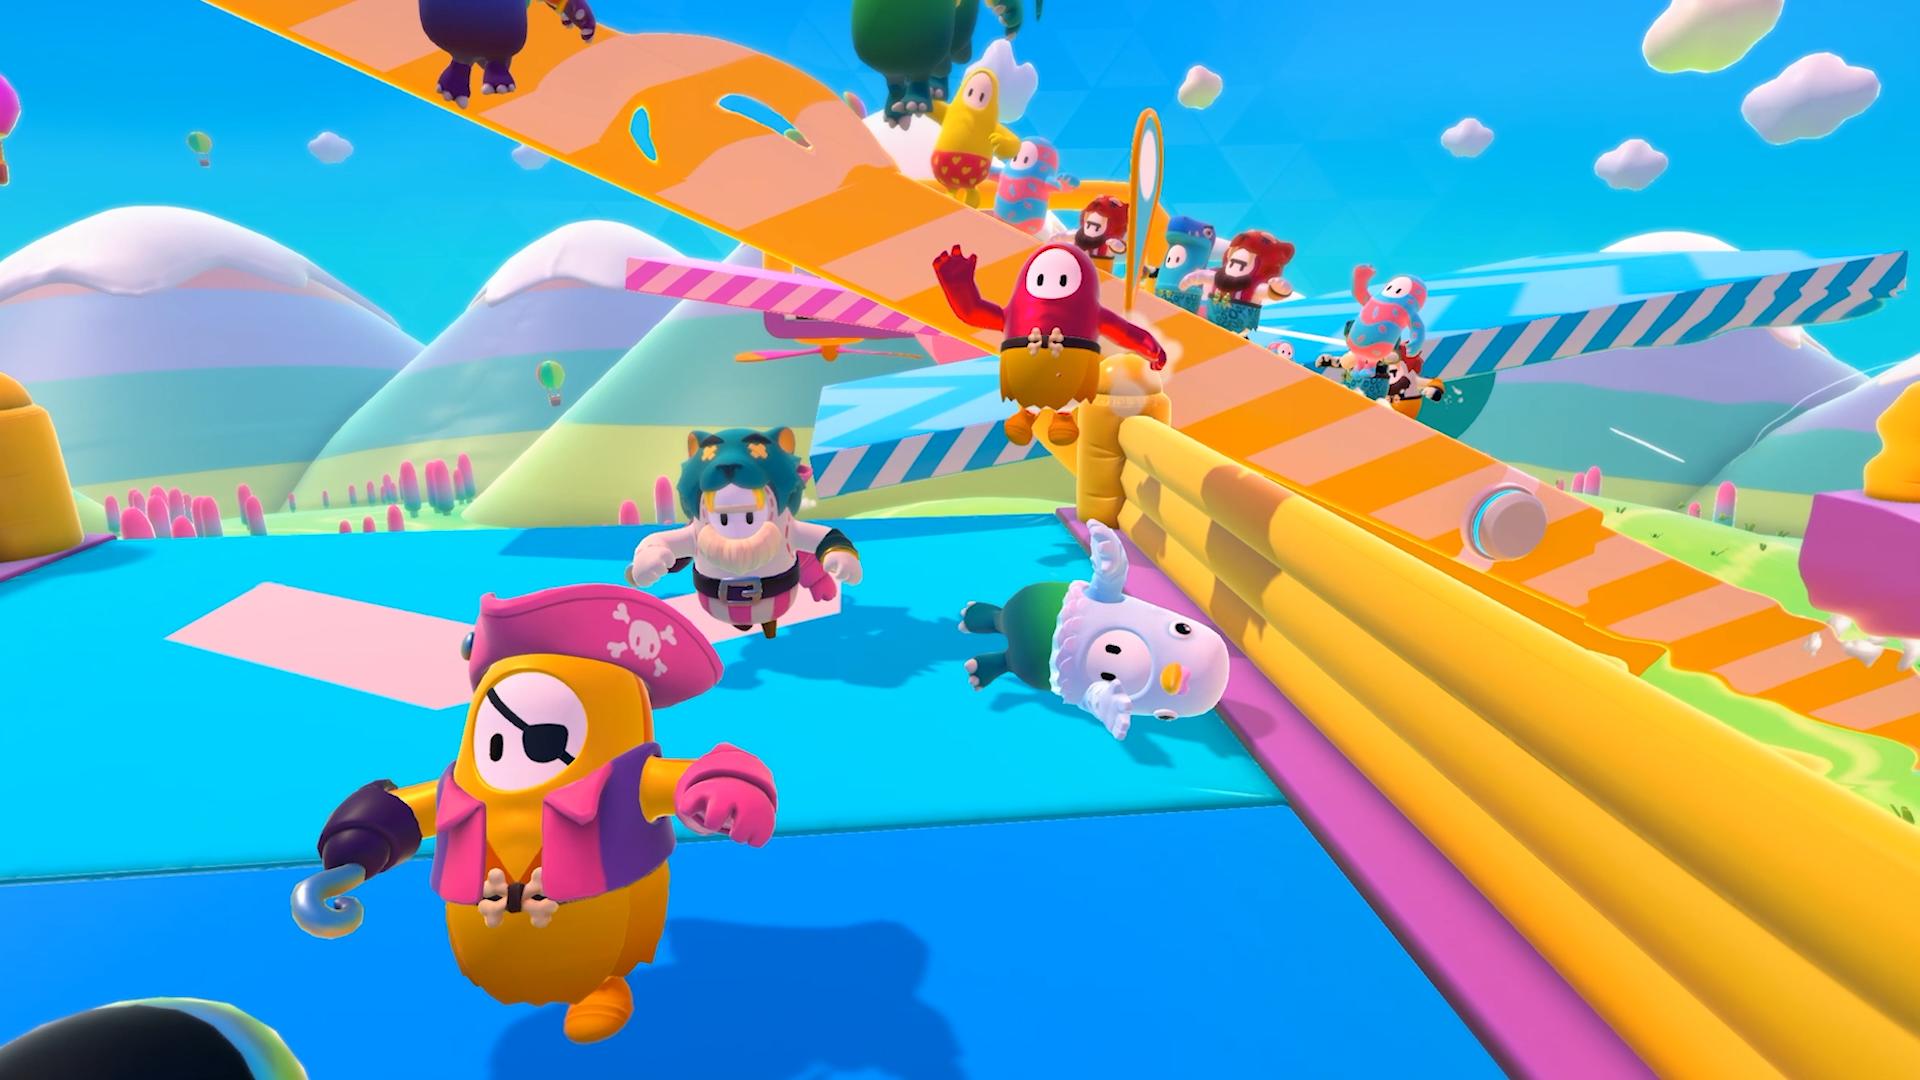 Ilustração promocional de Fall Guys mostrando os coloridos personagens disputando provas